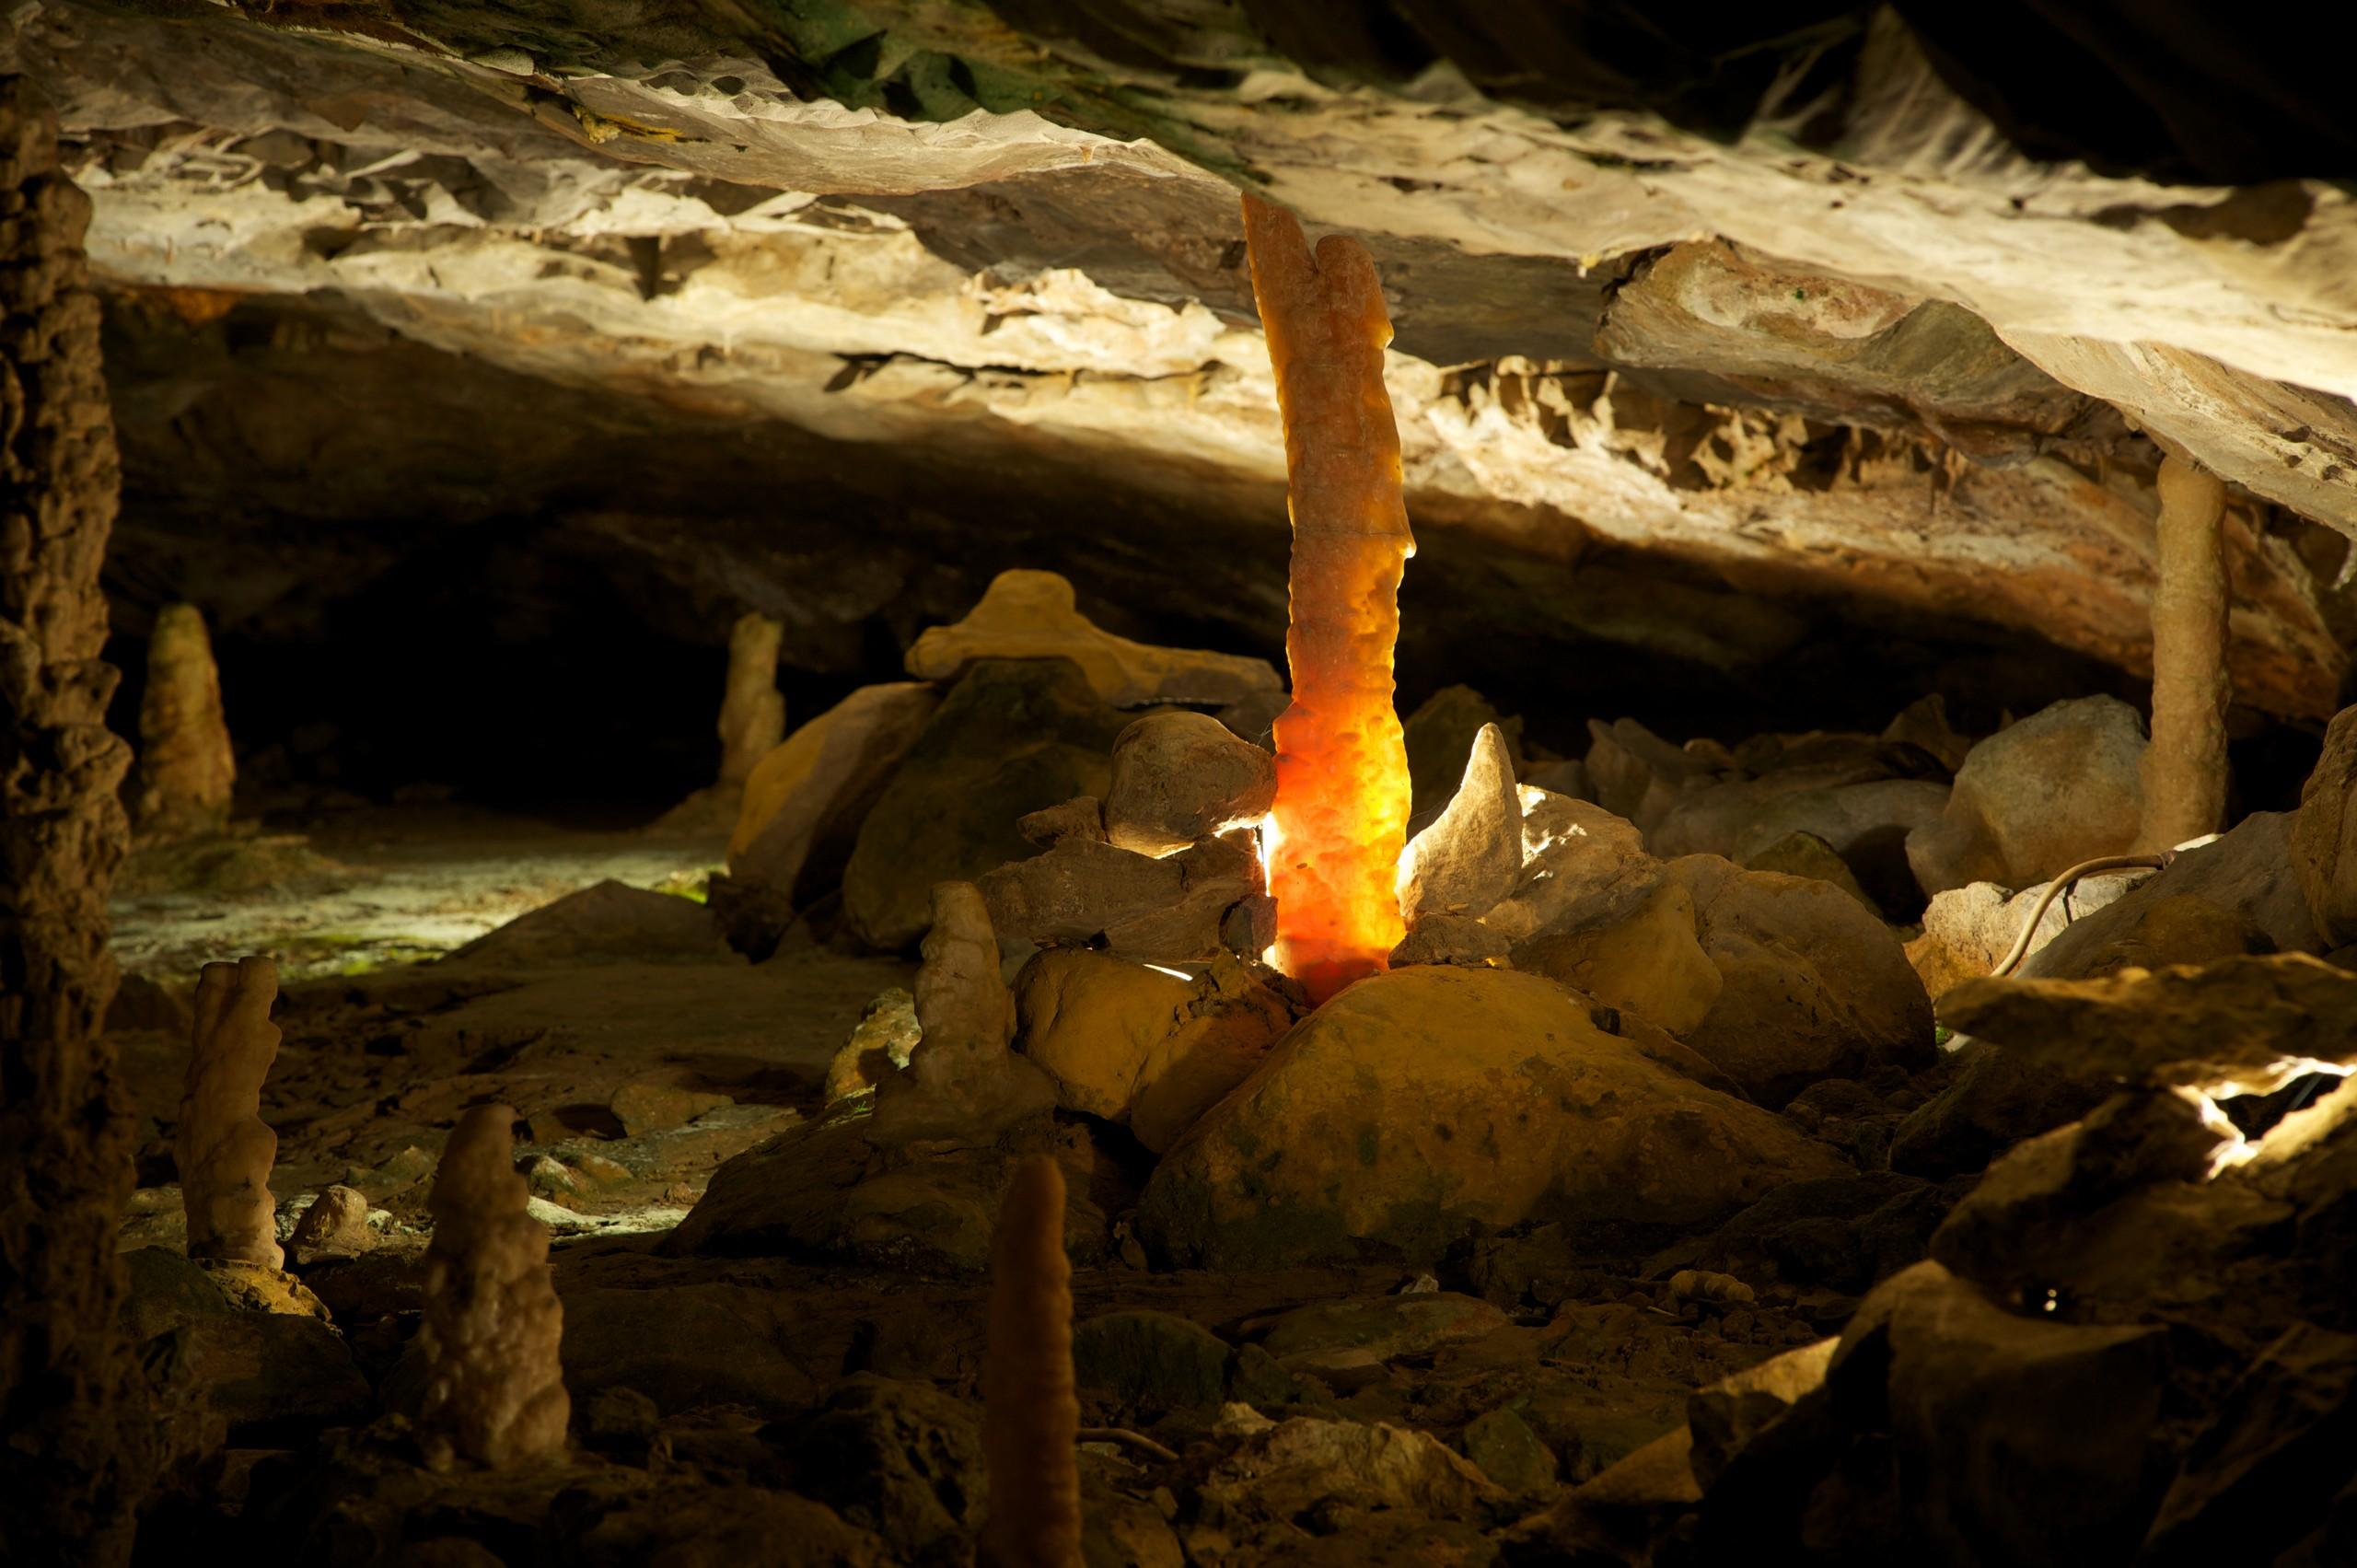 st-beatus-hoehlen-stalagmit-sommer-farben-formen-naturschauspiel